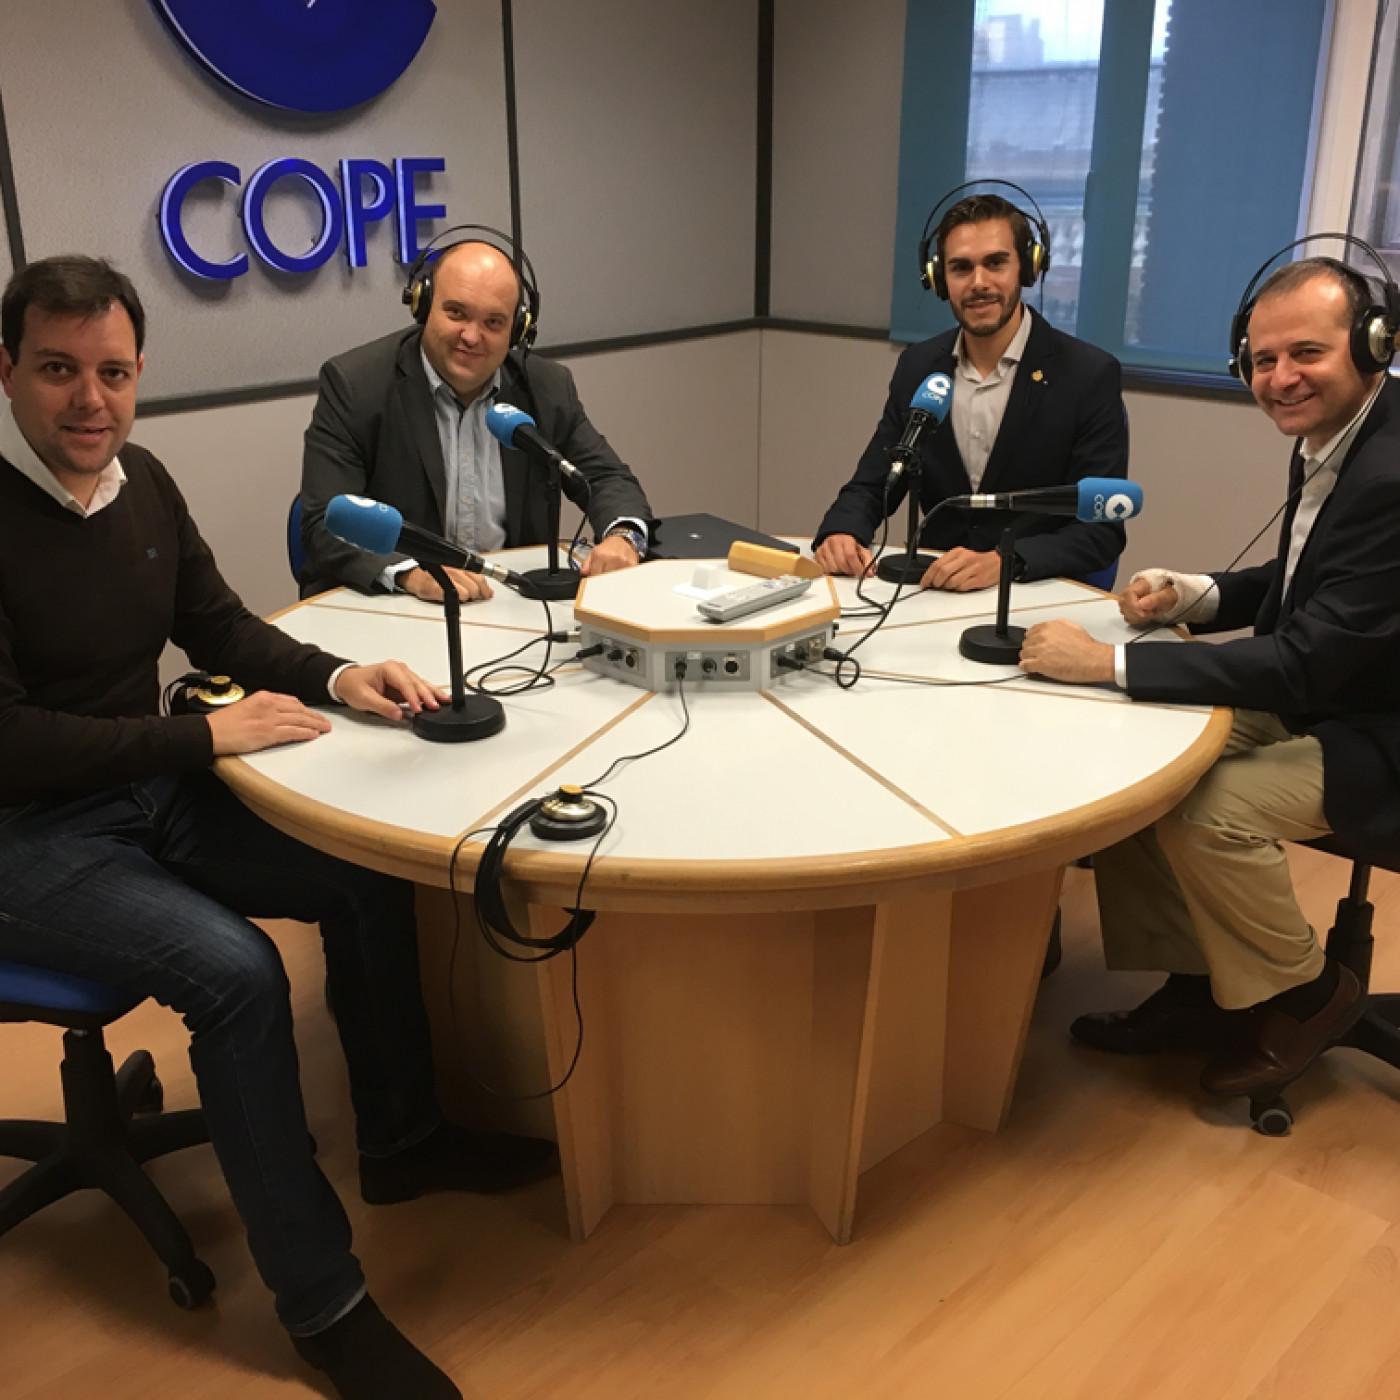 Thumbnail for 2015-11-04 | Primer Programa 'COLEGIADOS' del COIGT en COPE Valencia